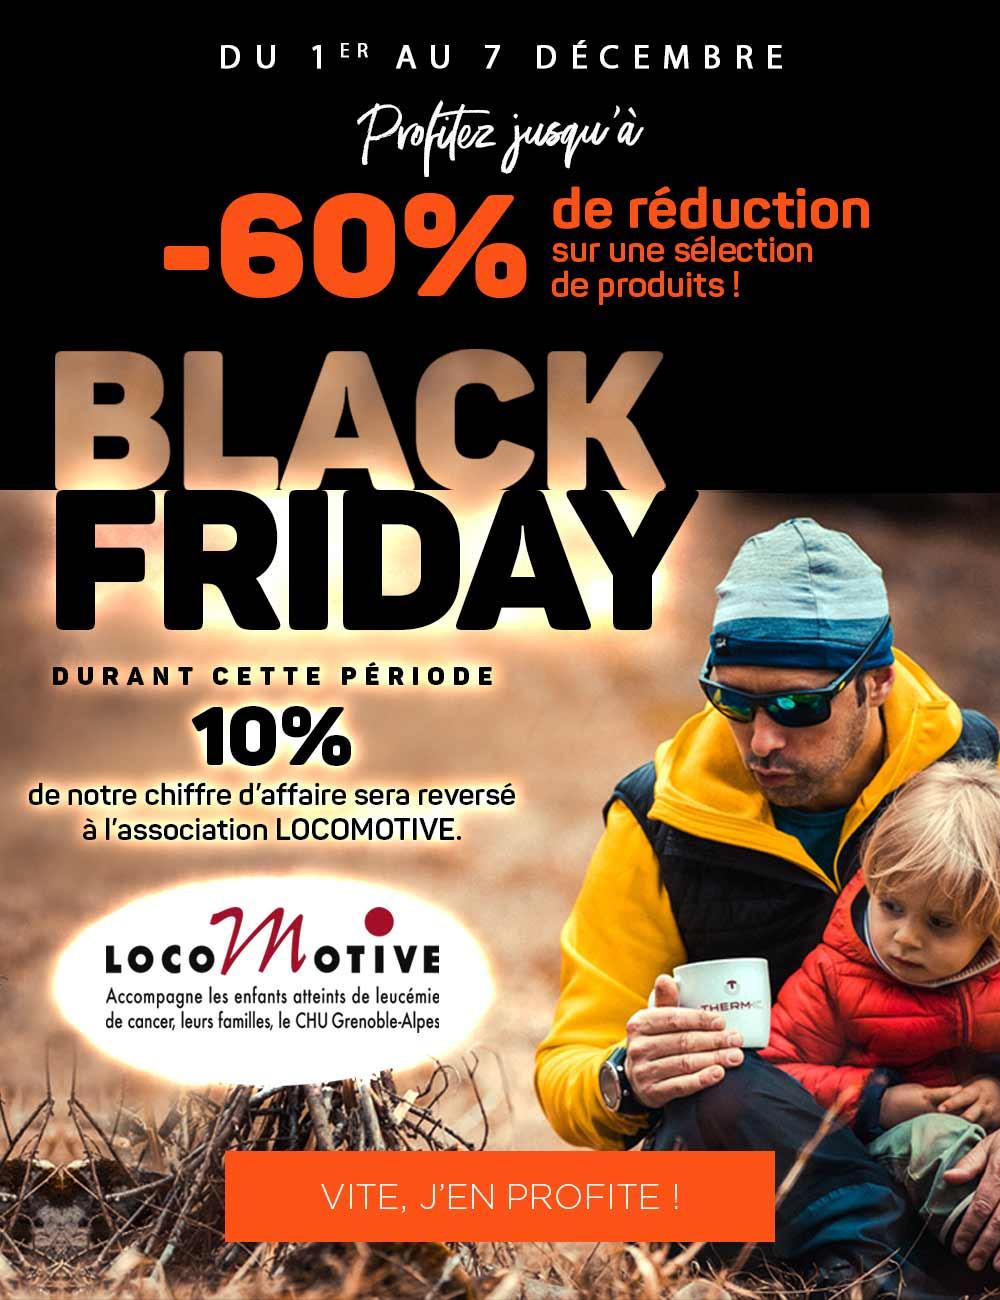 Profitez jusqu'à -60% sur une sélection de produits et 10% du chiffre sera reversé à l'association LOCOMOTIVE